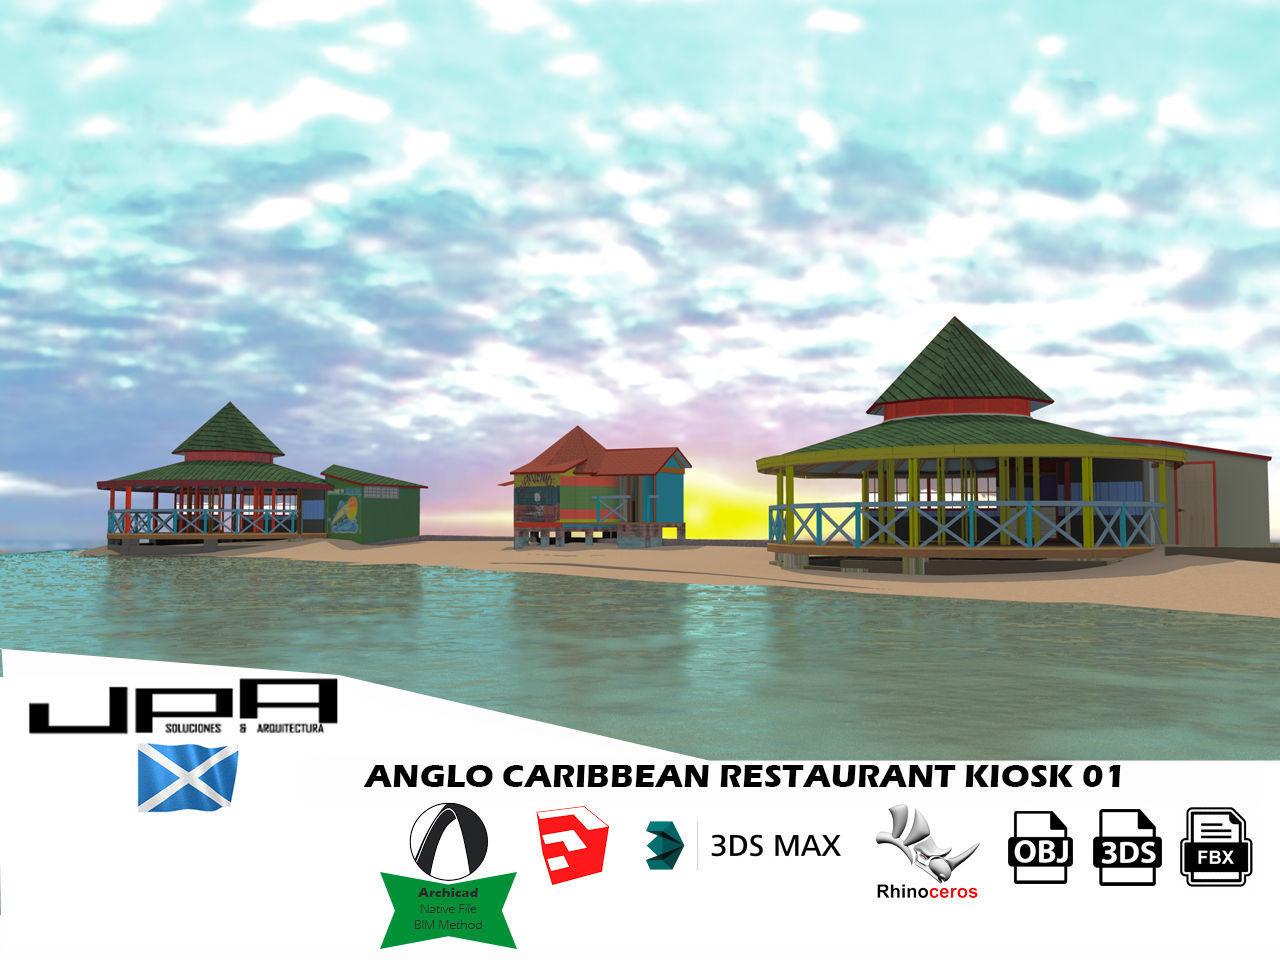 Anglo Caribbean Restaurant Kiosk Landmark